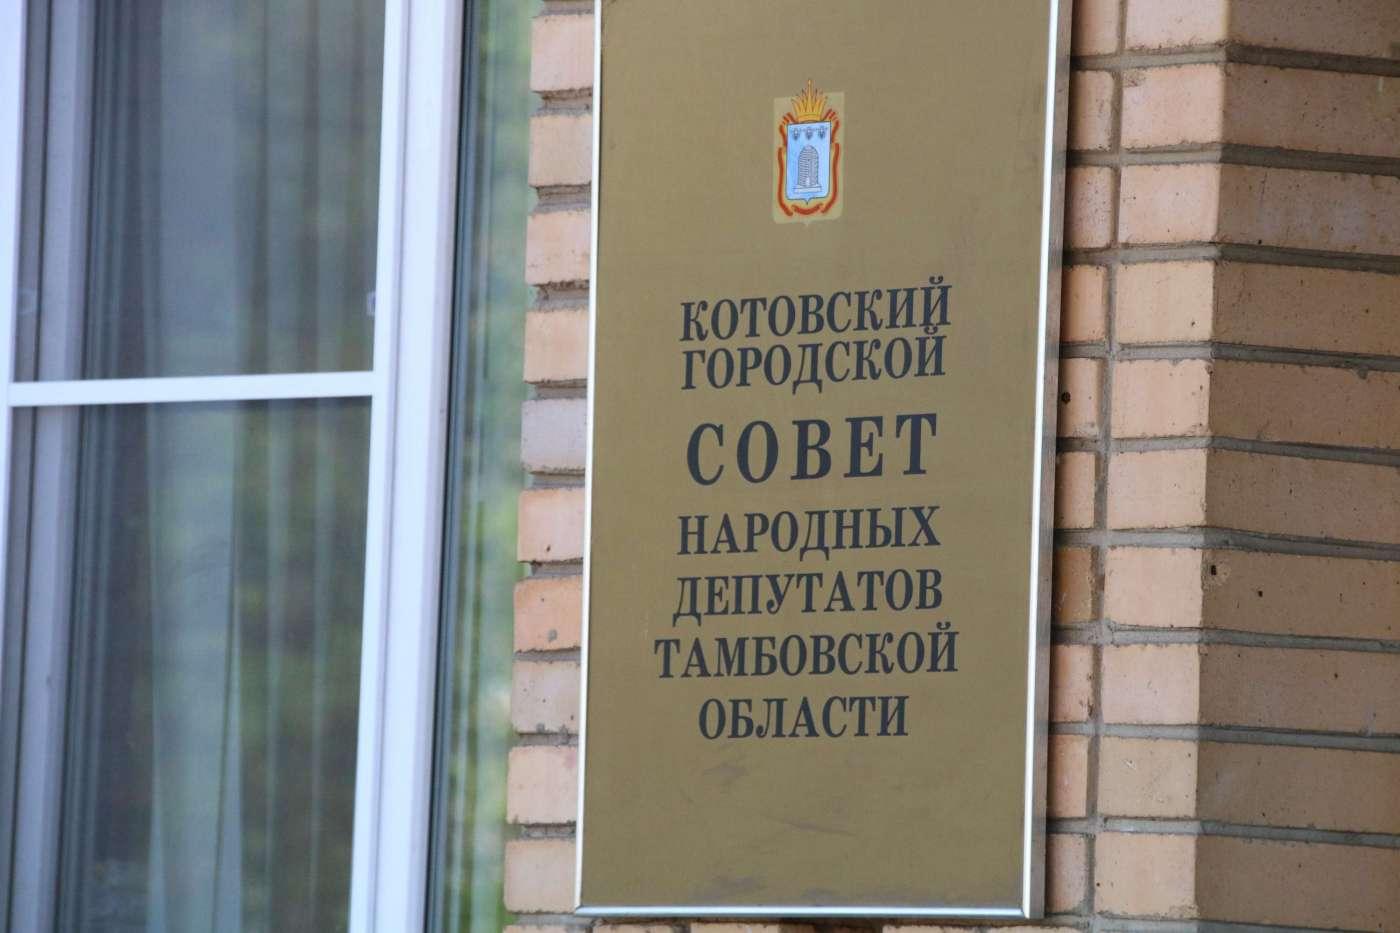 Число котовских депутатов уменьшится с 20 до 15